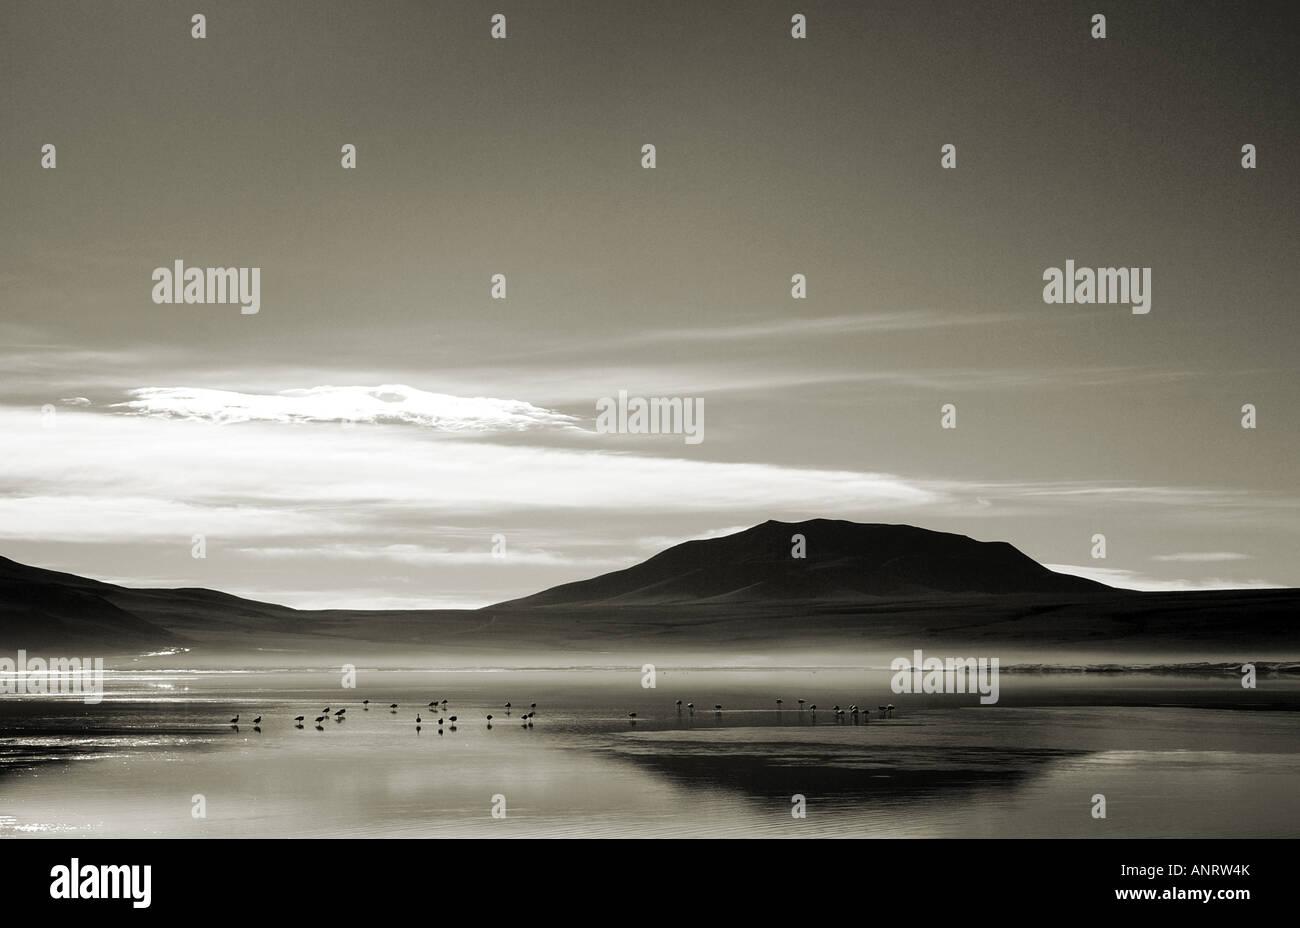 Flamingoes, Laguna Colorada, Bolivia - Stock Image